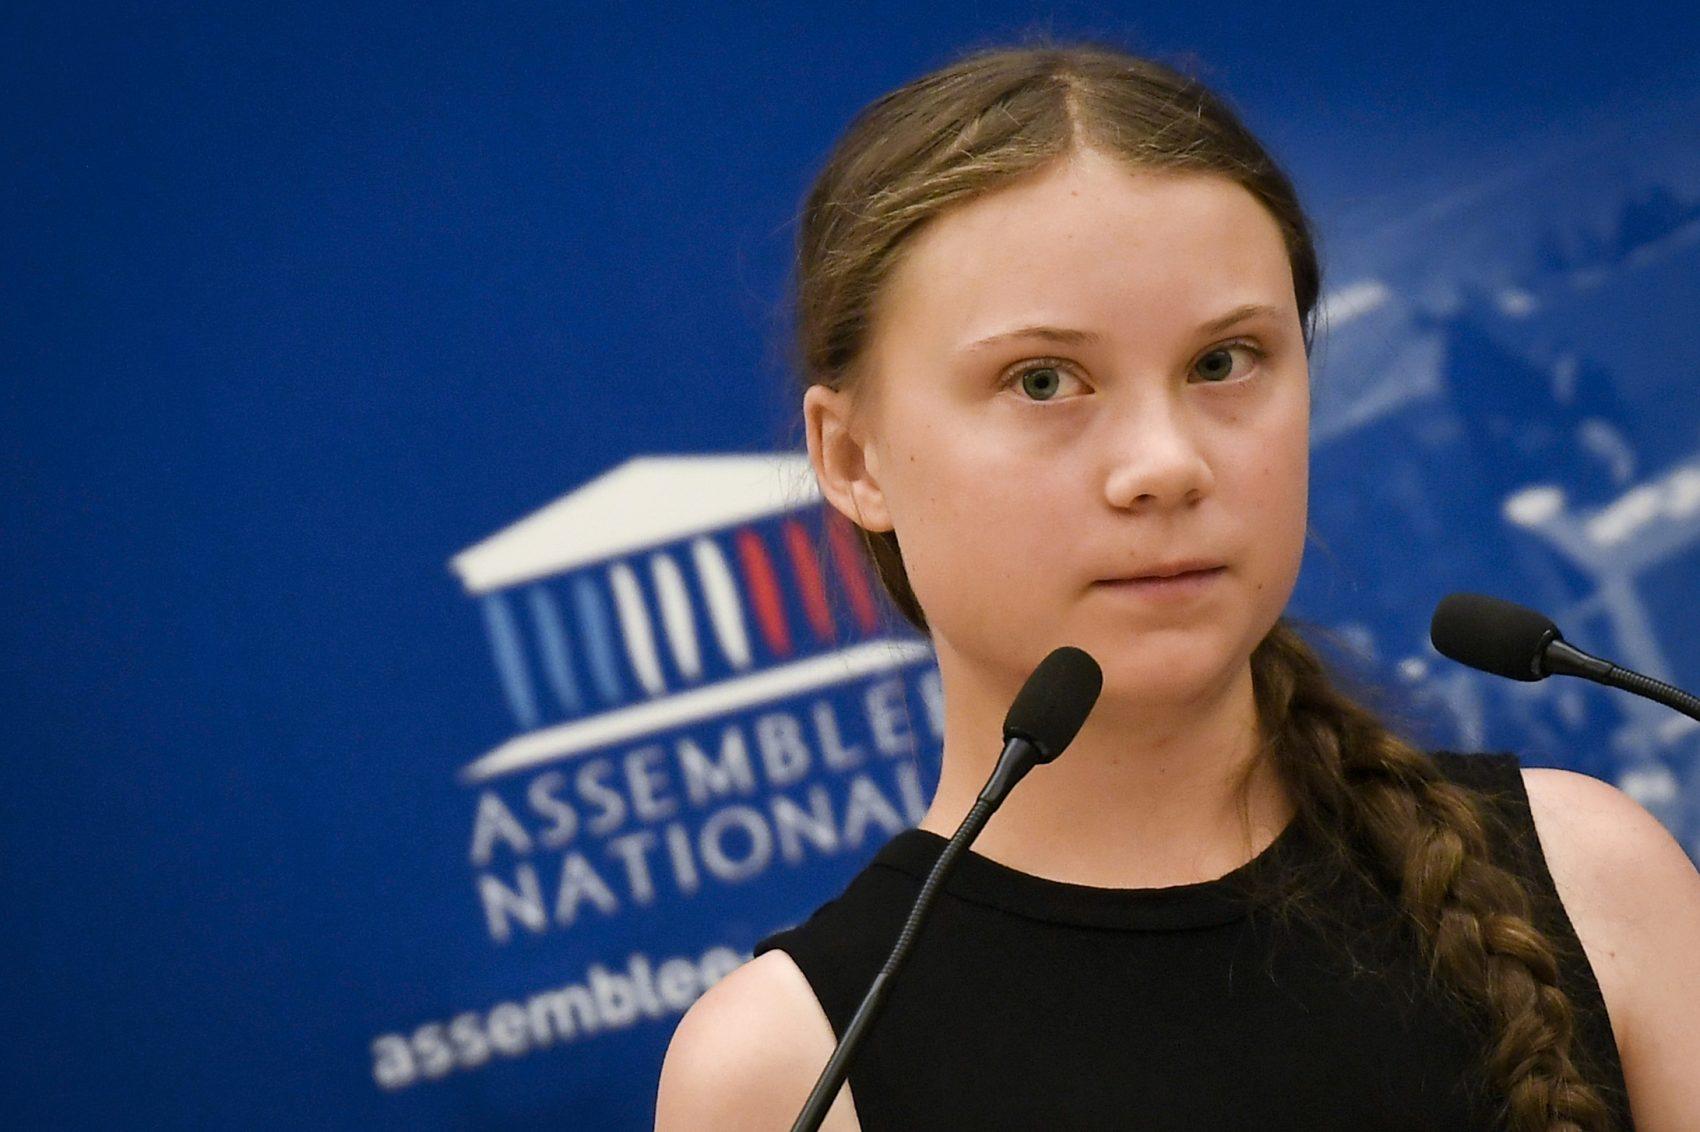 A sueca Greta Thunberg discursando na Assembleia Nacional da França: 'Minha mensagem para os jovens no Brasil é que precisamos nos conscientizar sobre o que está realmente acontecendo agora e quais podem ser as consequências de nosso sistema atual' (Foto: Lionel Bonaventure/AFP)